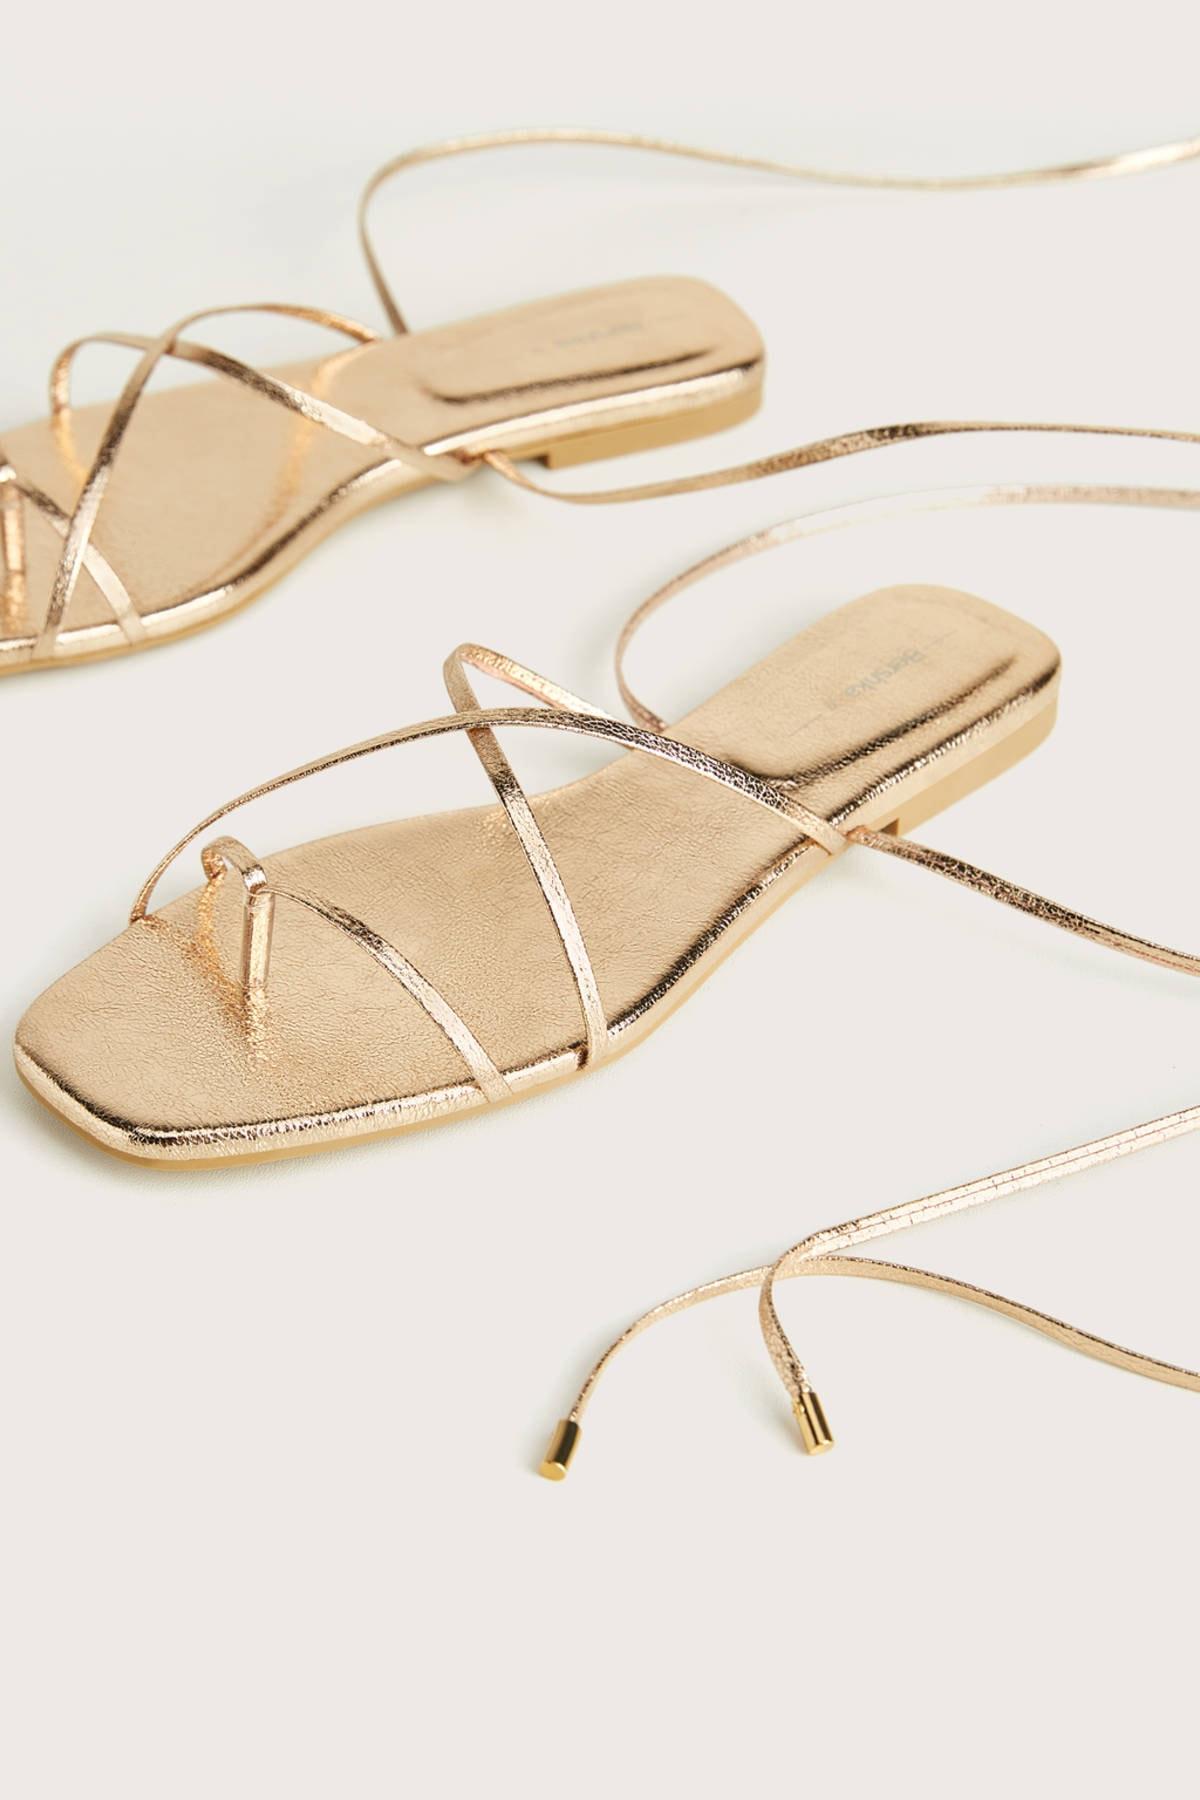 Bershka Kadın Altın Metalik Düz Bilekten Bağlamalı Sandalet. 11803660